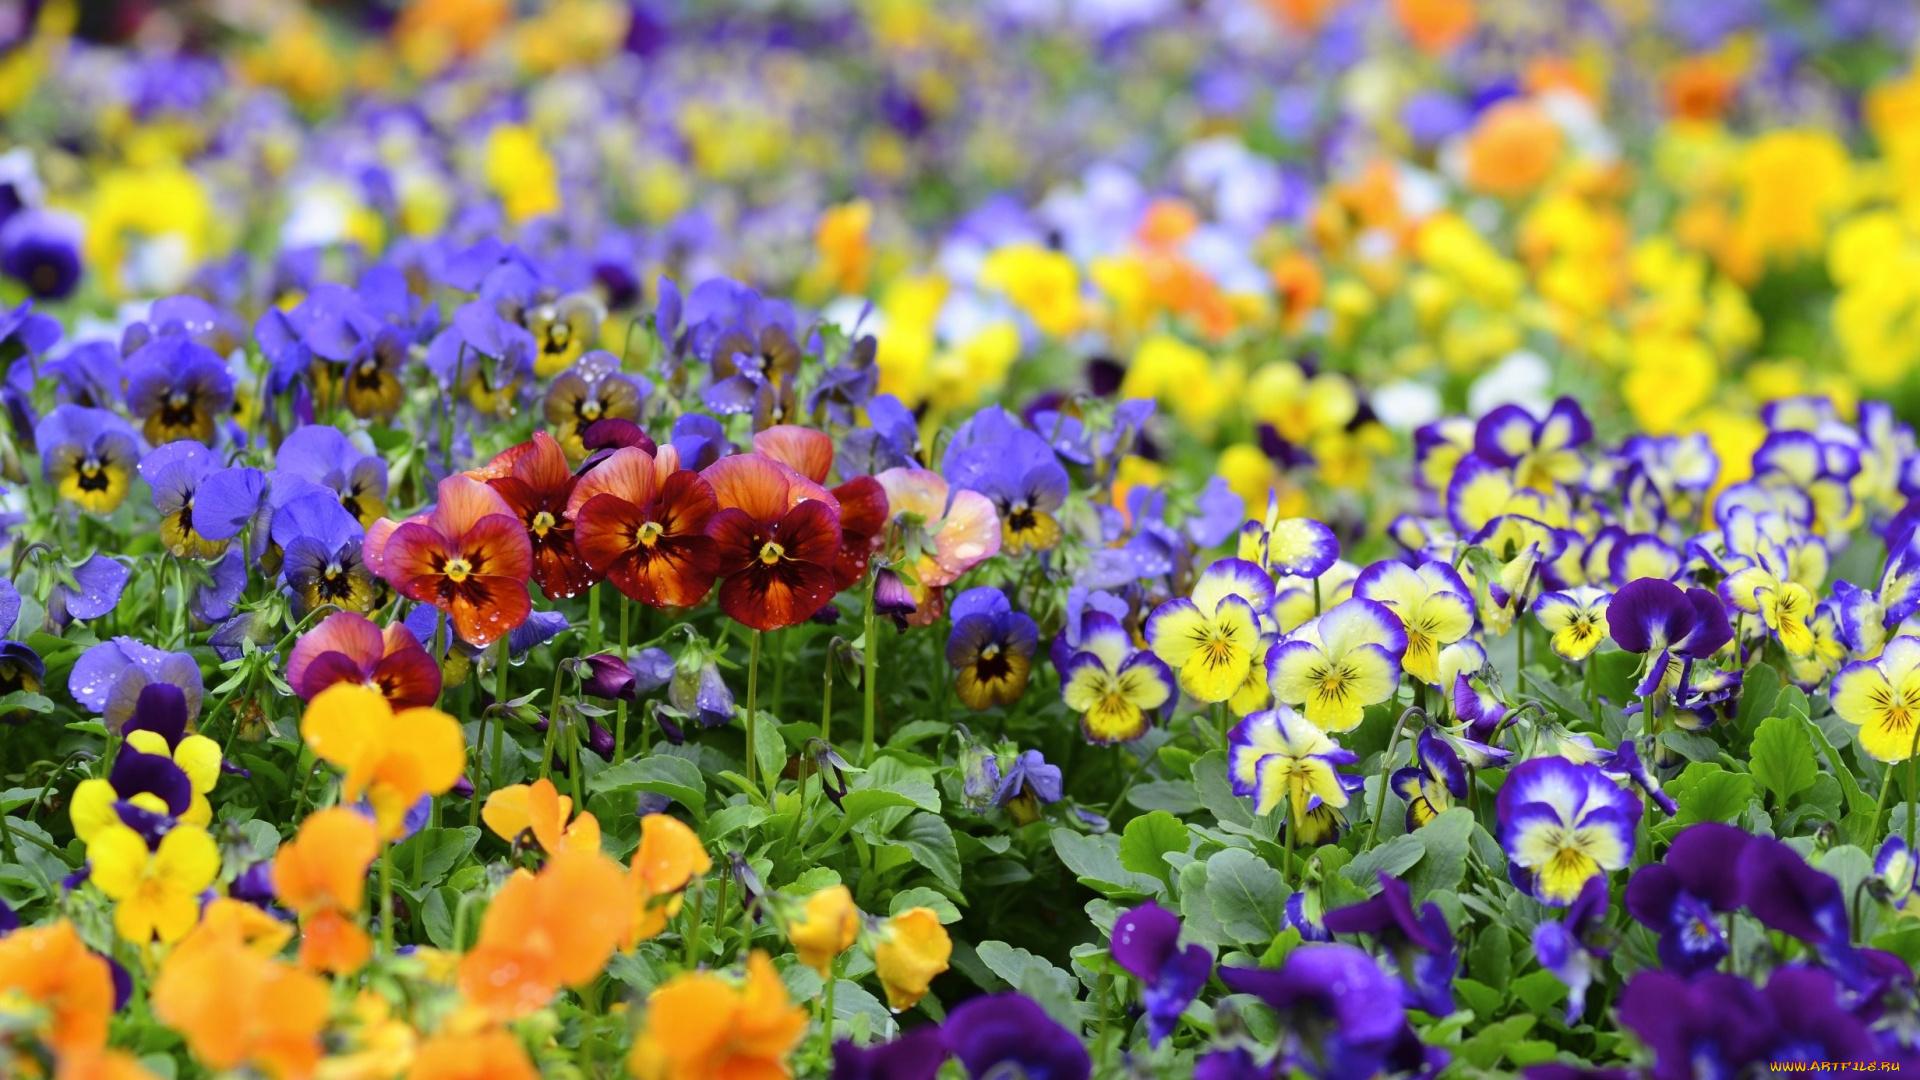 Анютины глазки горшок цветы природа анонимно